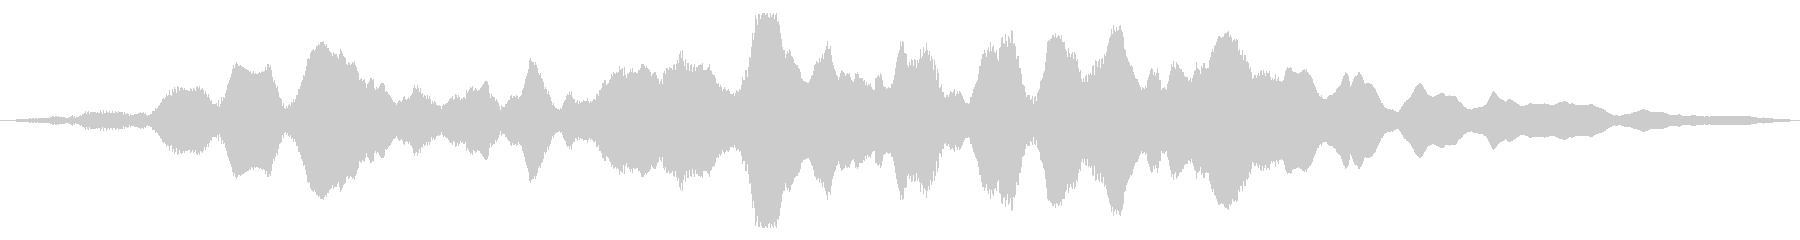 素材 大気フィードバックパッドMi...の未再生の波形